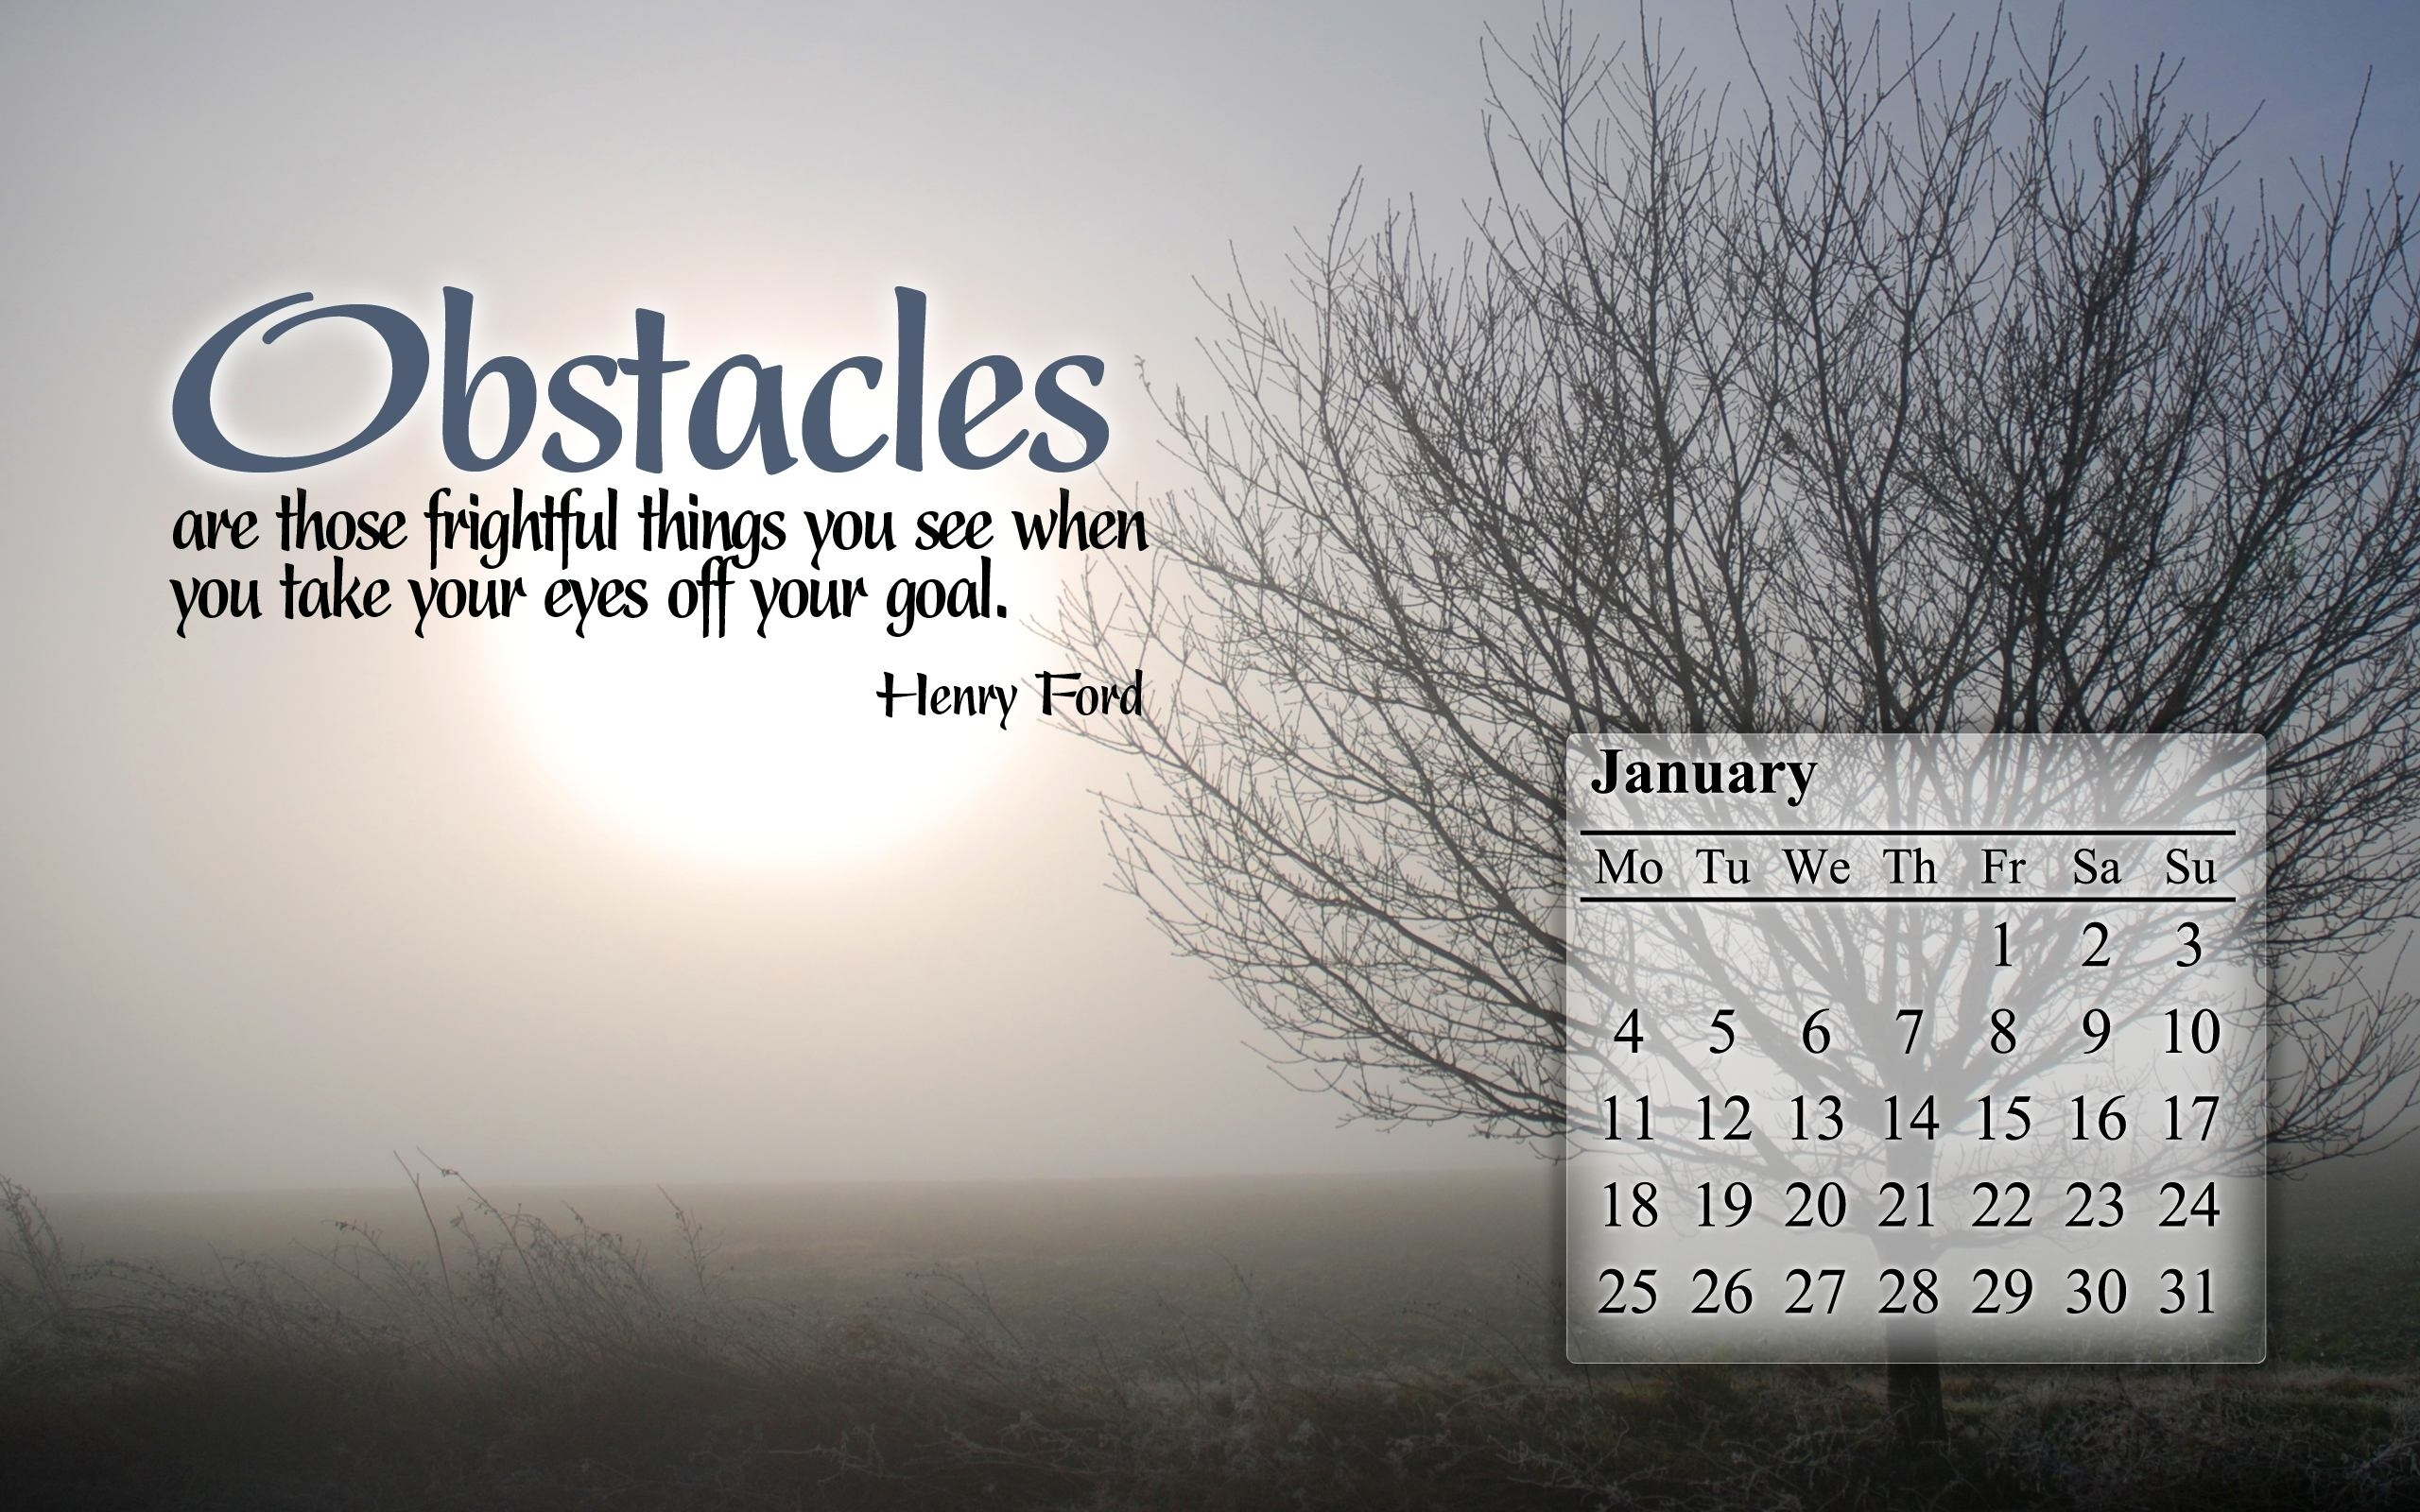 Free Christian Desktop Calendar Wallpaper - Motivational